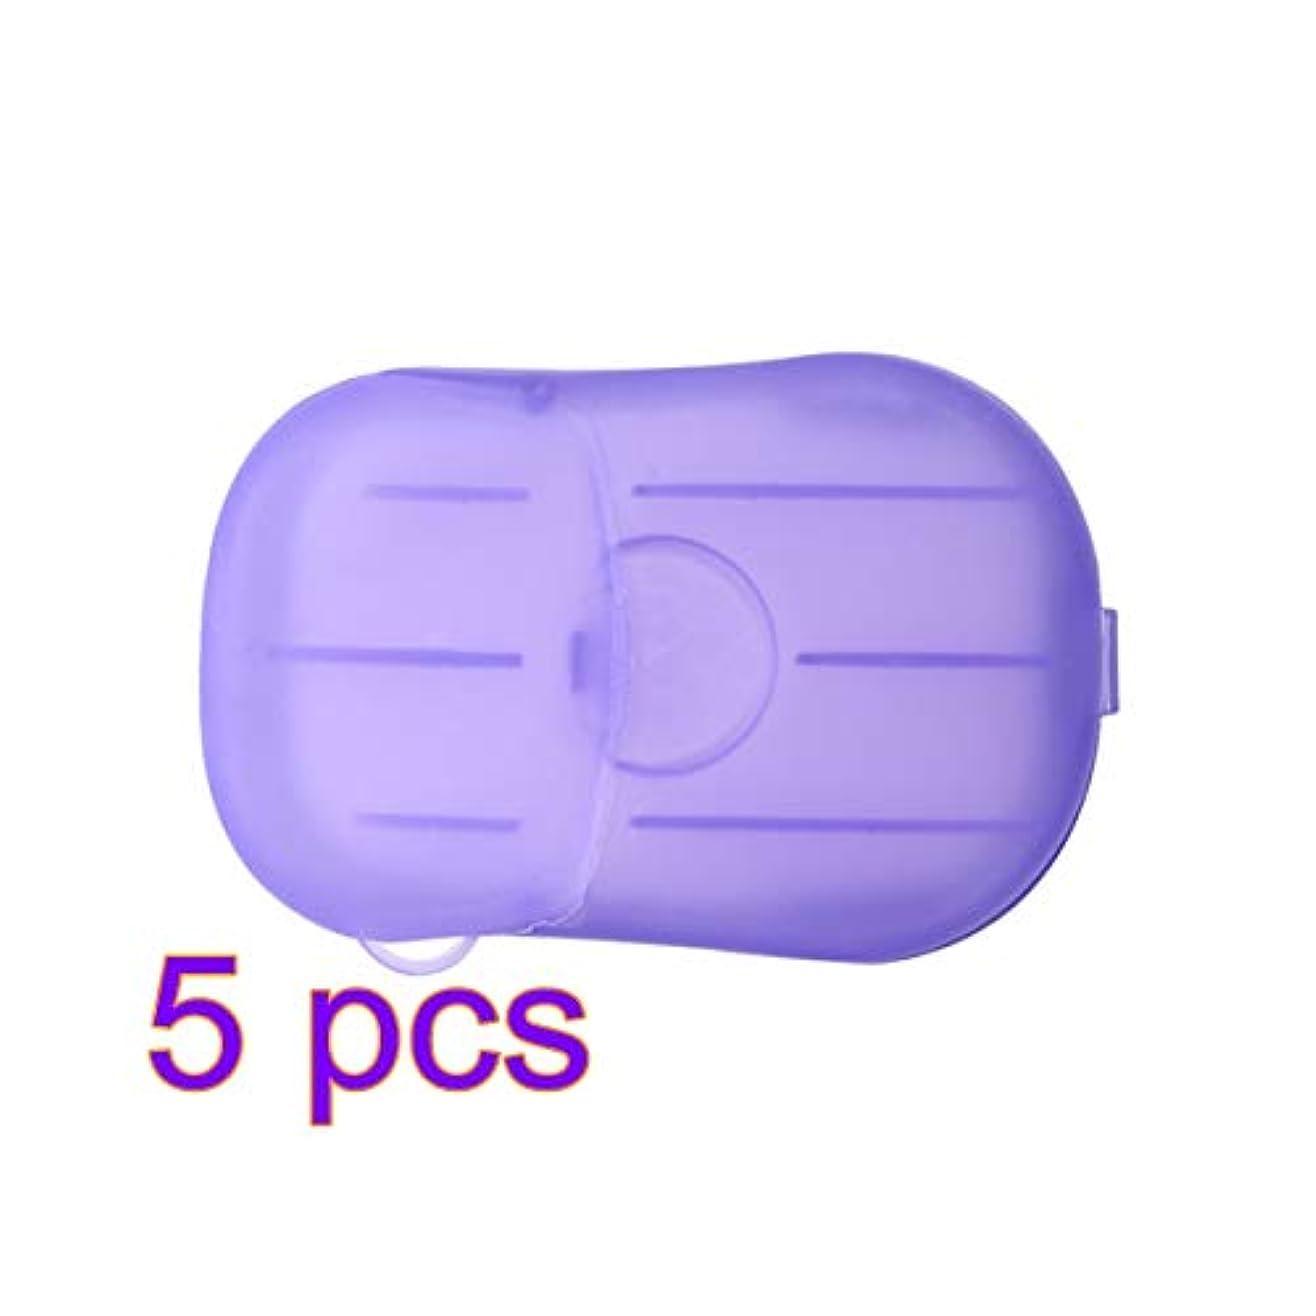 受賞六分儀意図LIOOBO 5セットポータブルソープペーパー使い捨て手洗いペーパーソープスライスシーツ子供用大人トイレ旅行屋外用(パープル)